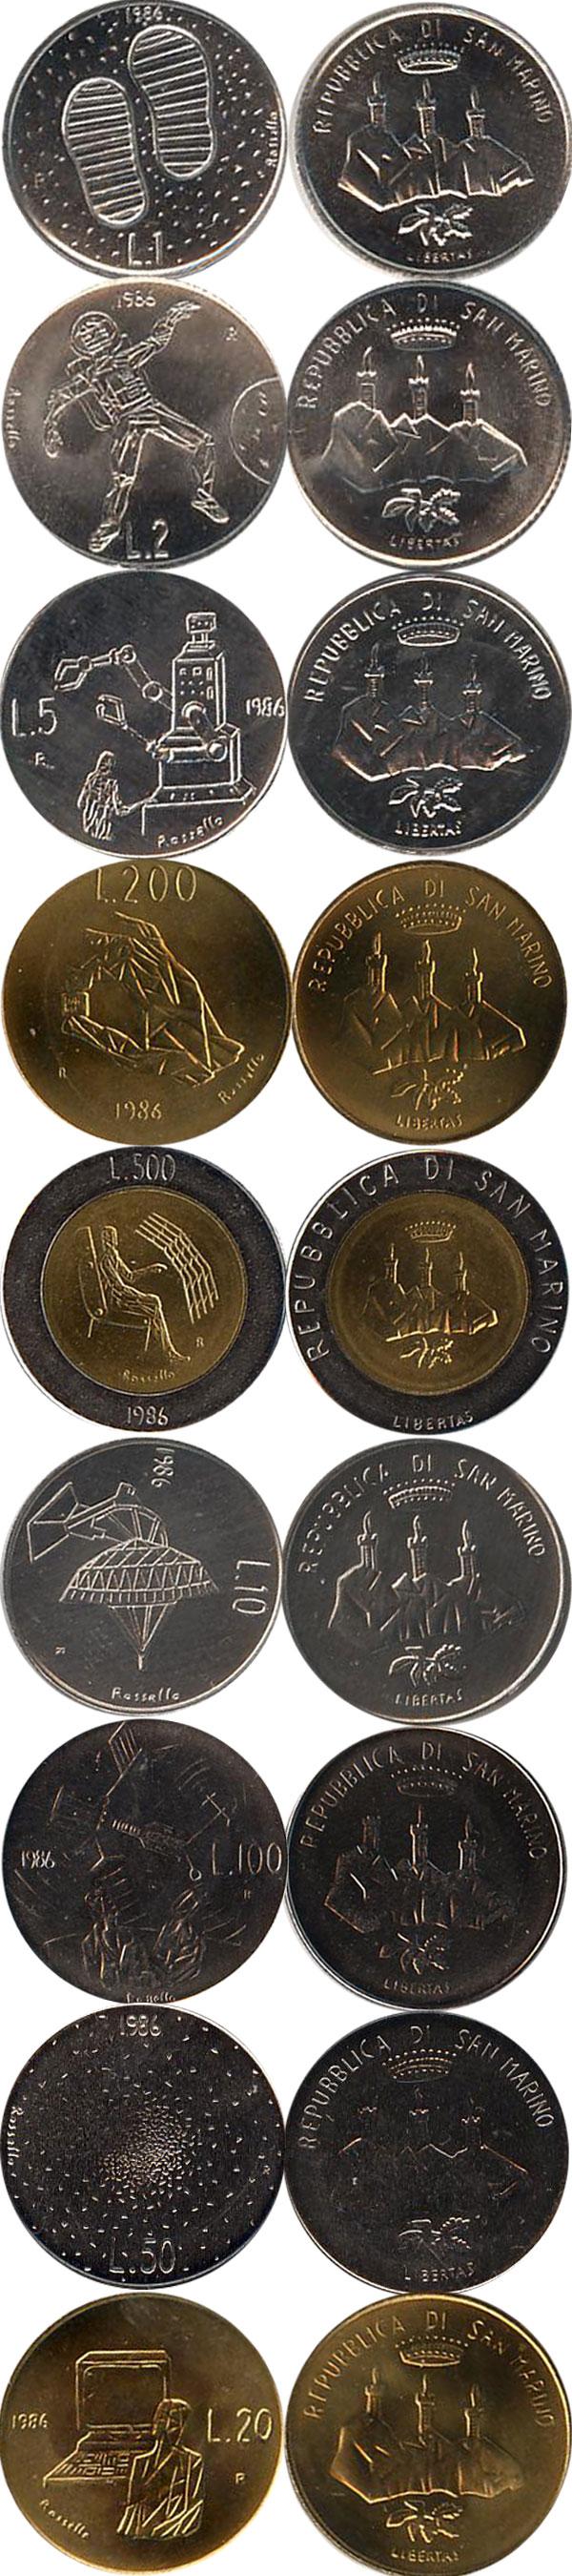 Картинка Подарочные монеты Сан-Марино Набор 1986 года  1986